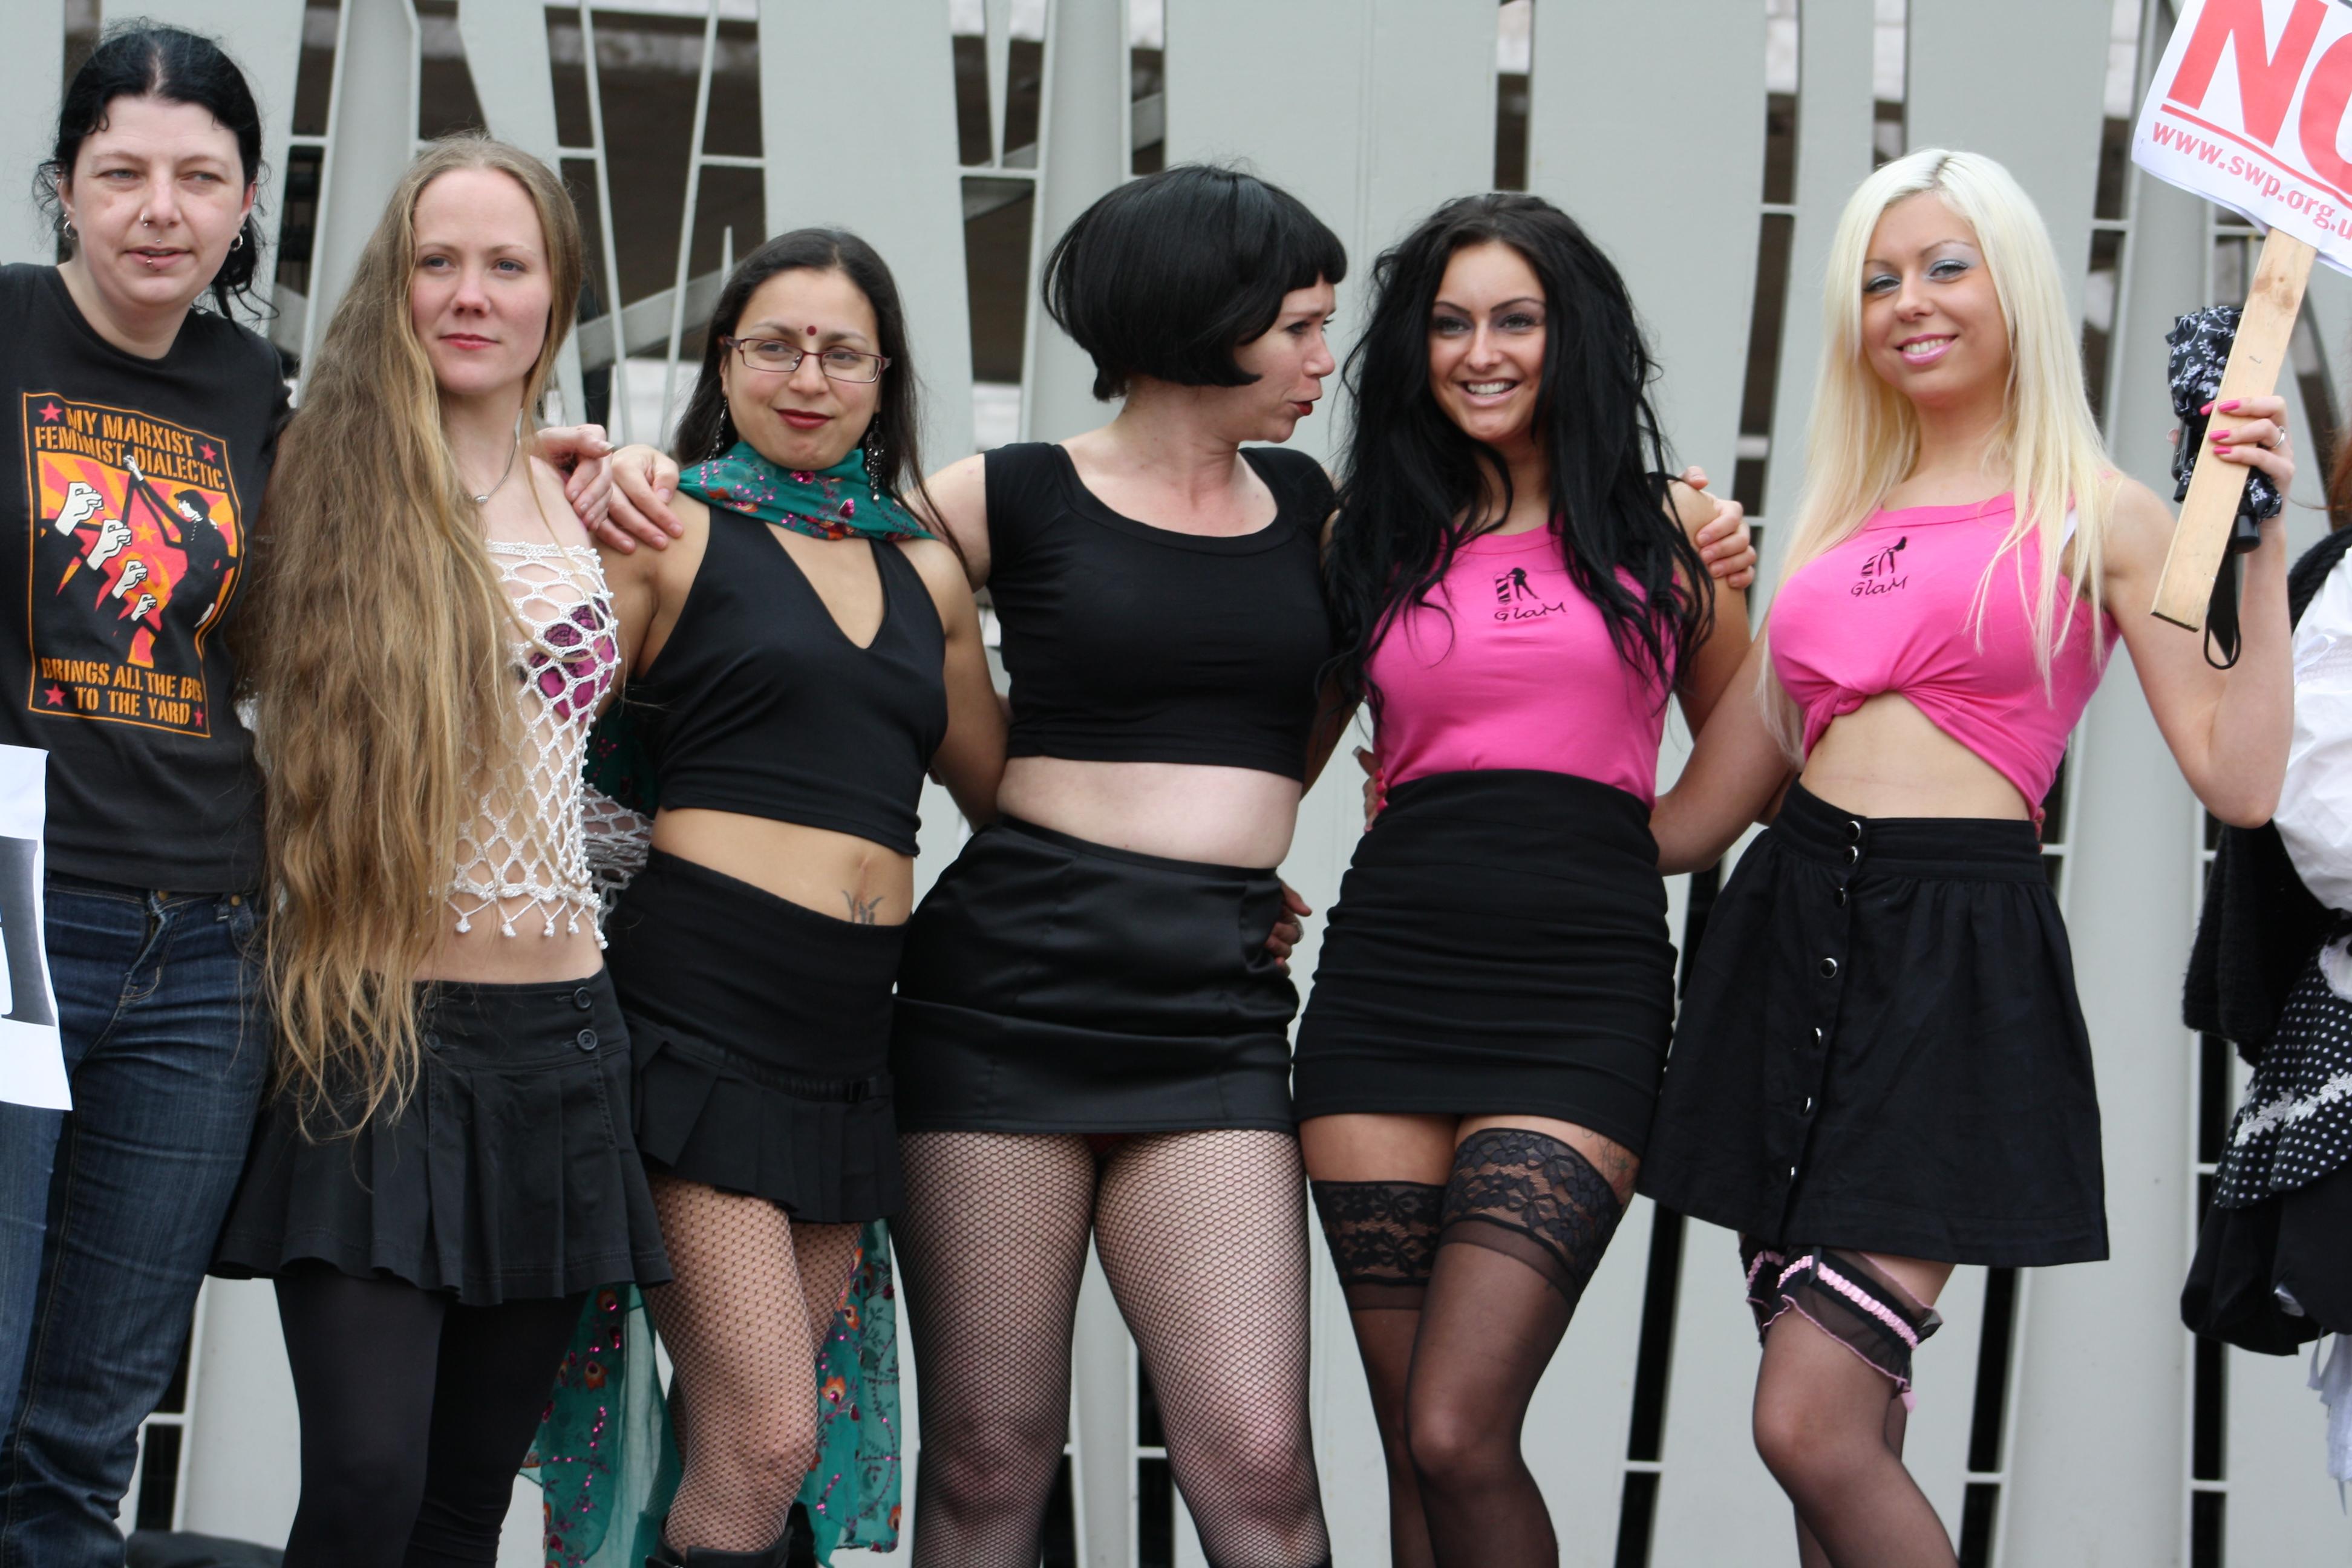 Scottish women in stockings pics 981